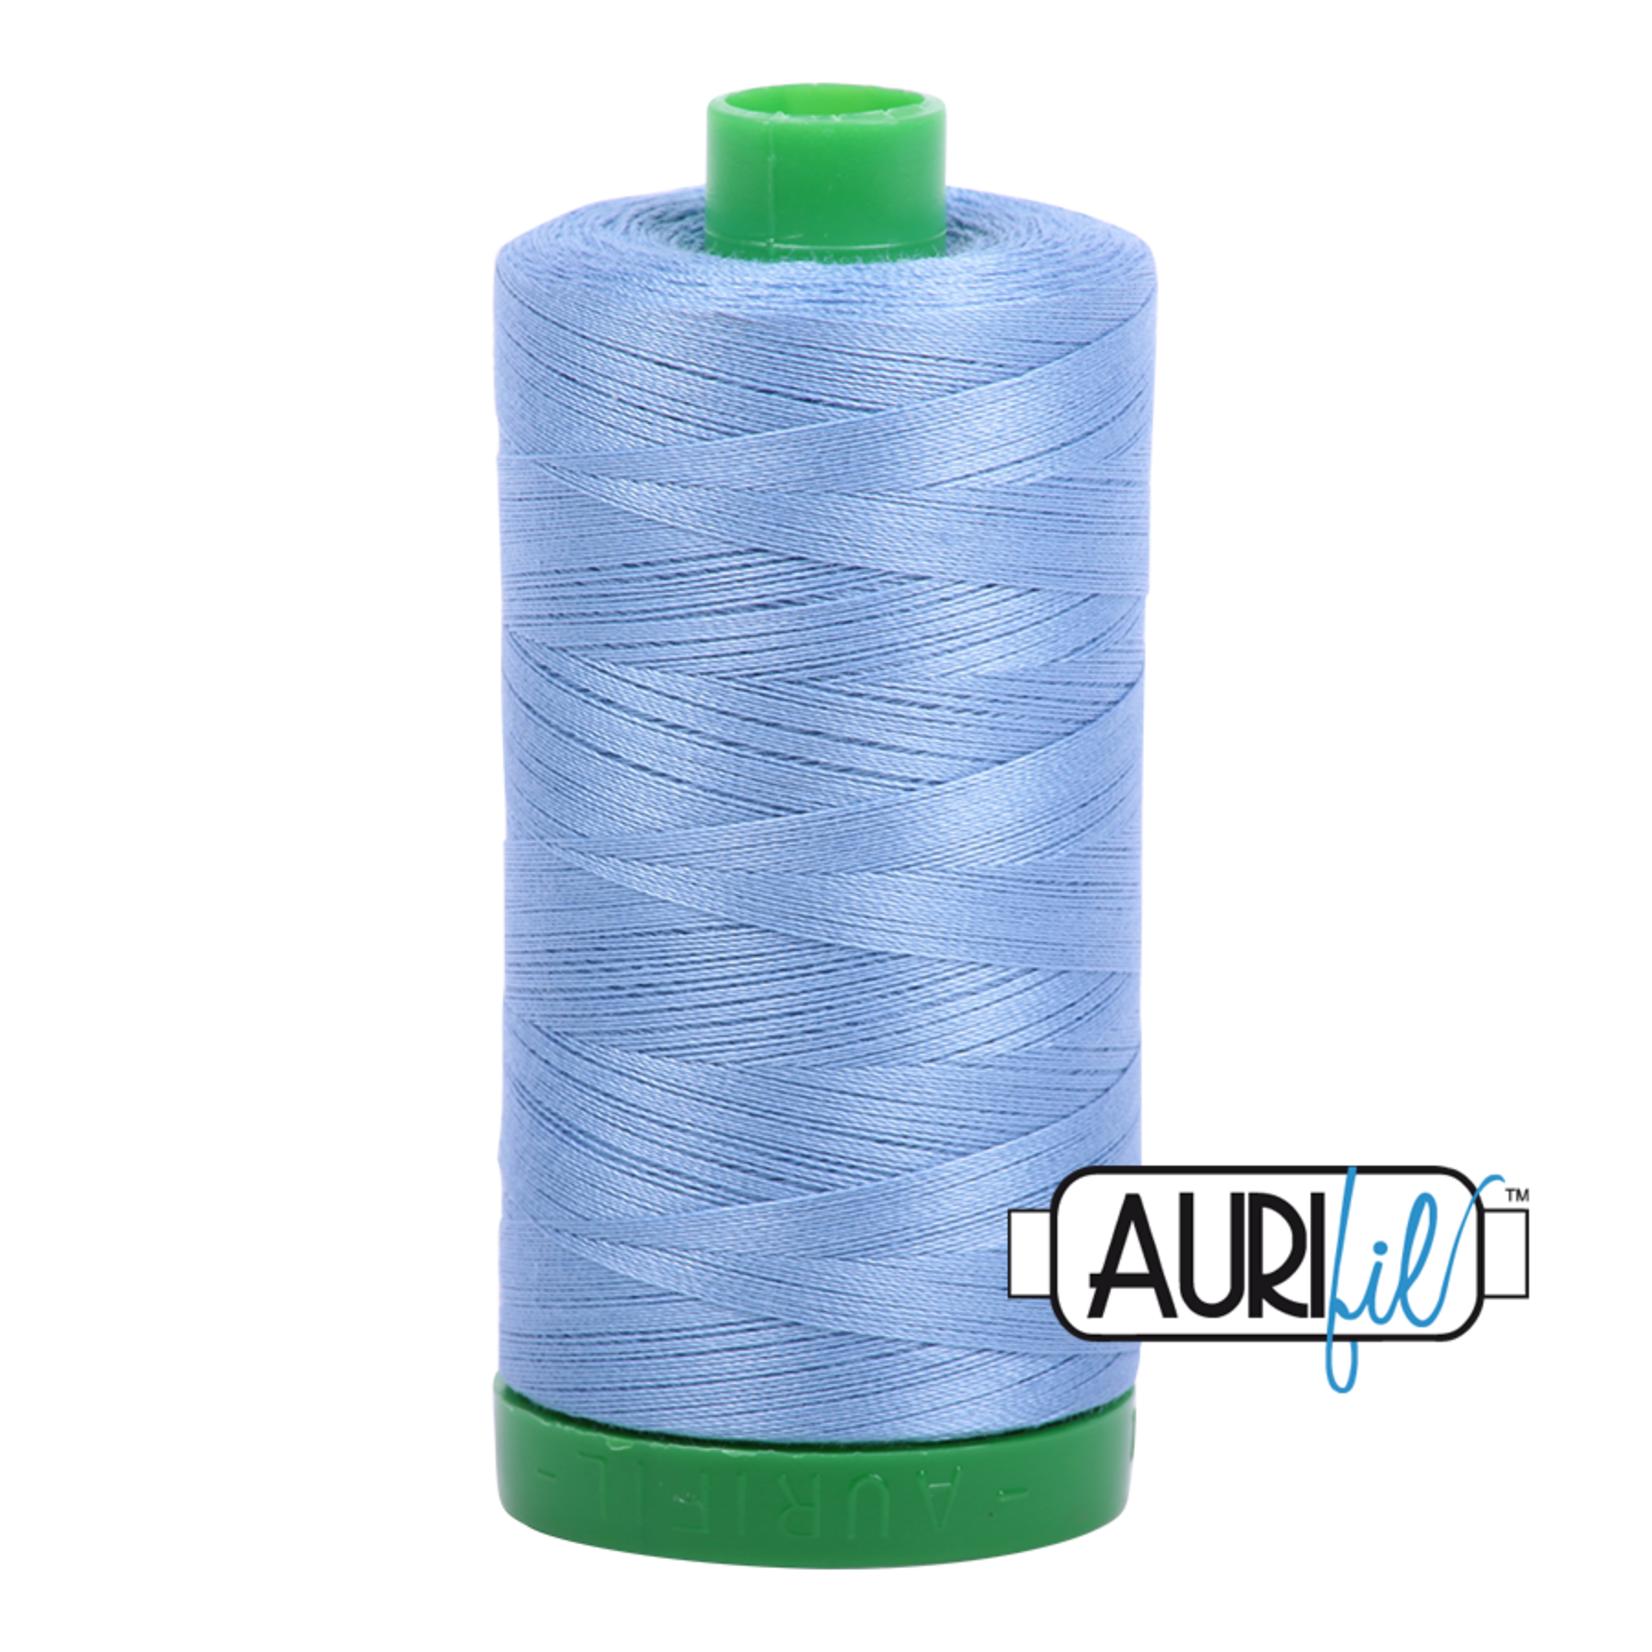 AURIFIL AURIFIL 40 WT Light Delft Blue 2720